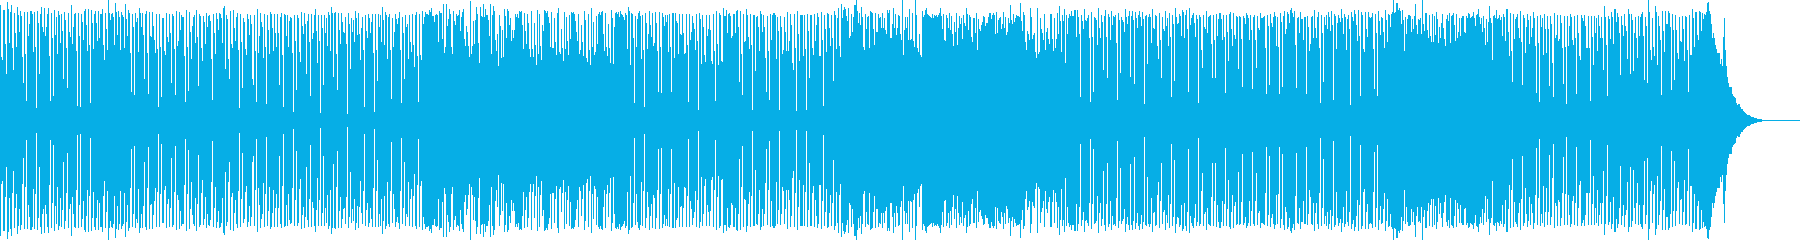 楽しく愉快なインストルメンタルロックの再生済みの波形